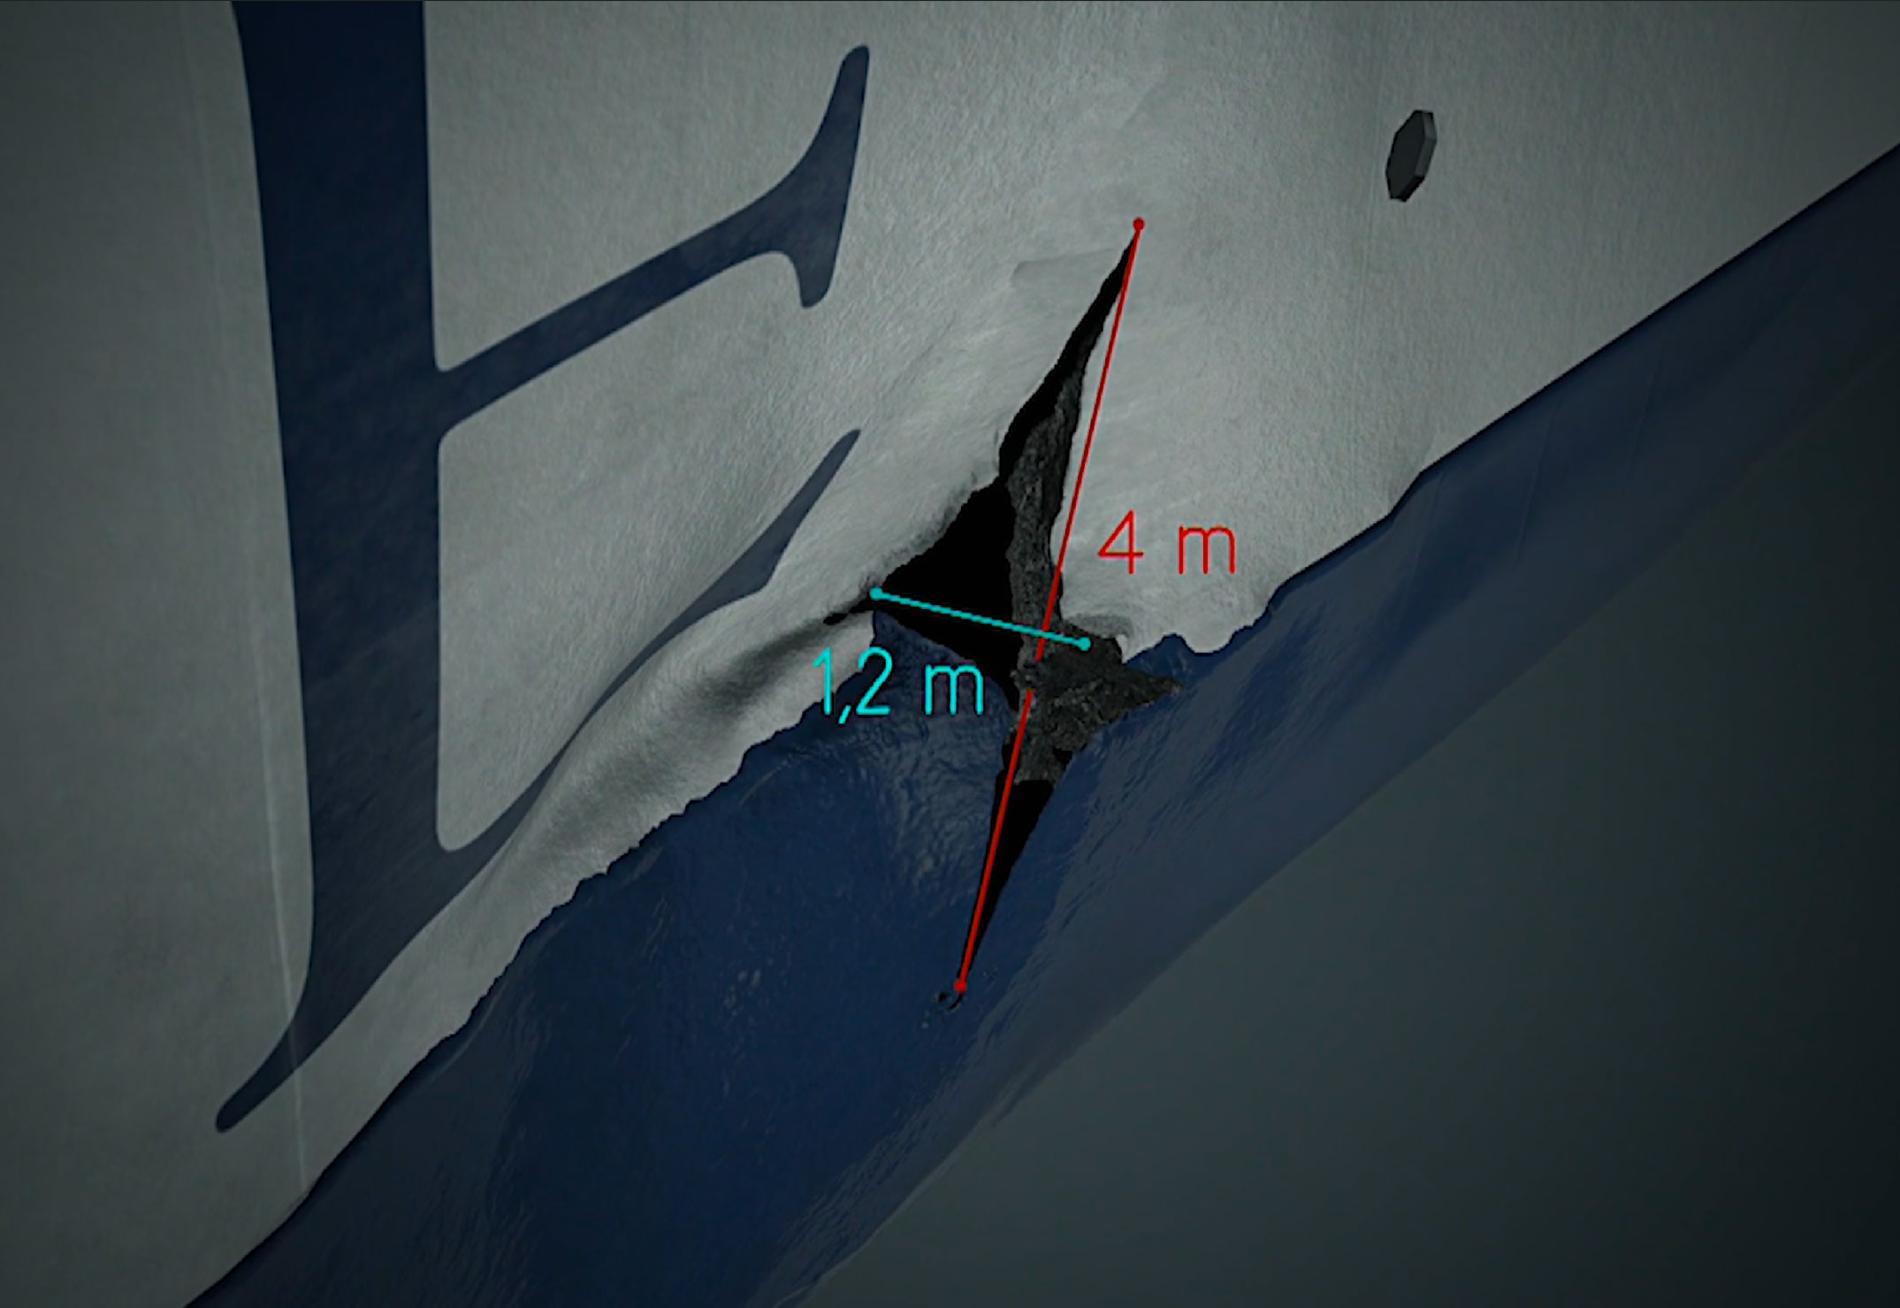 Skadan i Estonias skrov är fyra meter hög och 1,2 meter på bredaste punkten. Här åskådliggjord i en grafik.